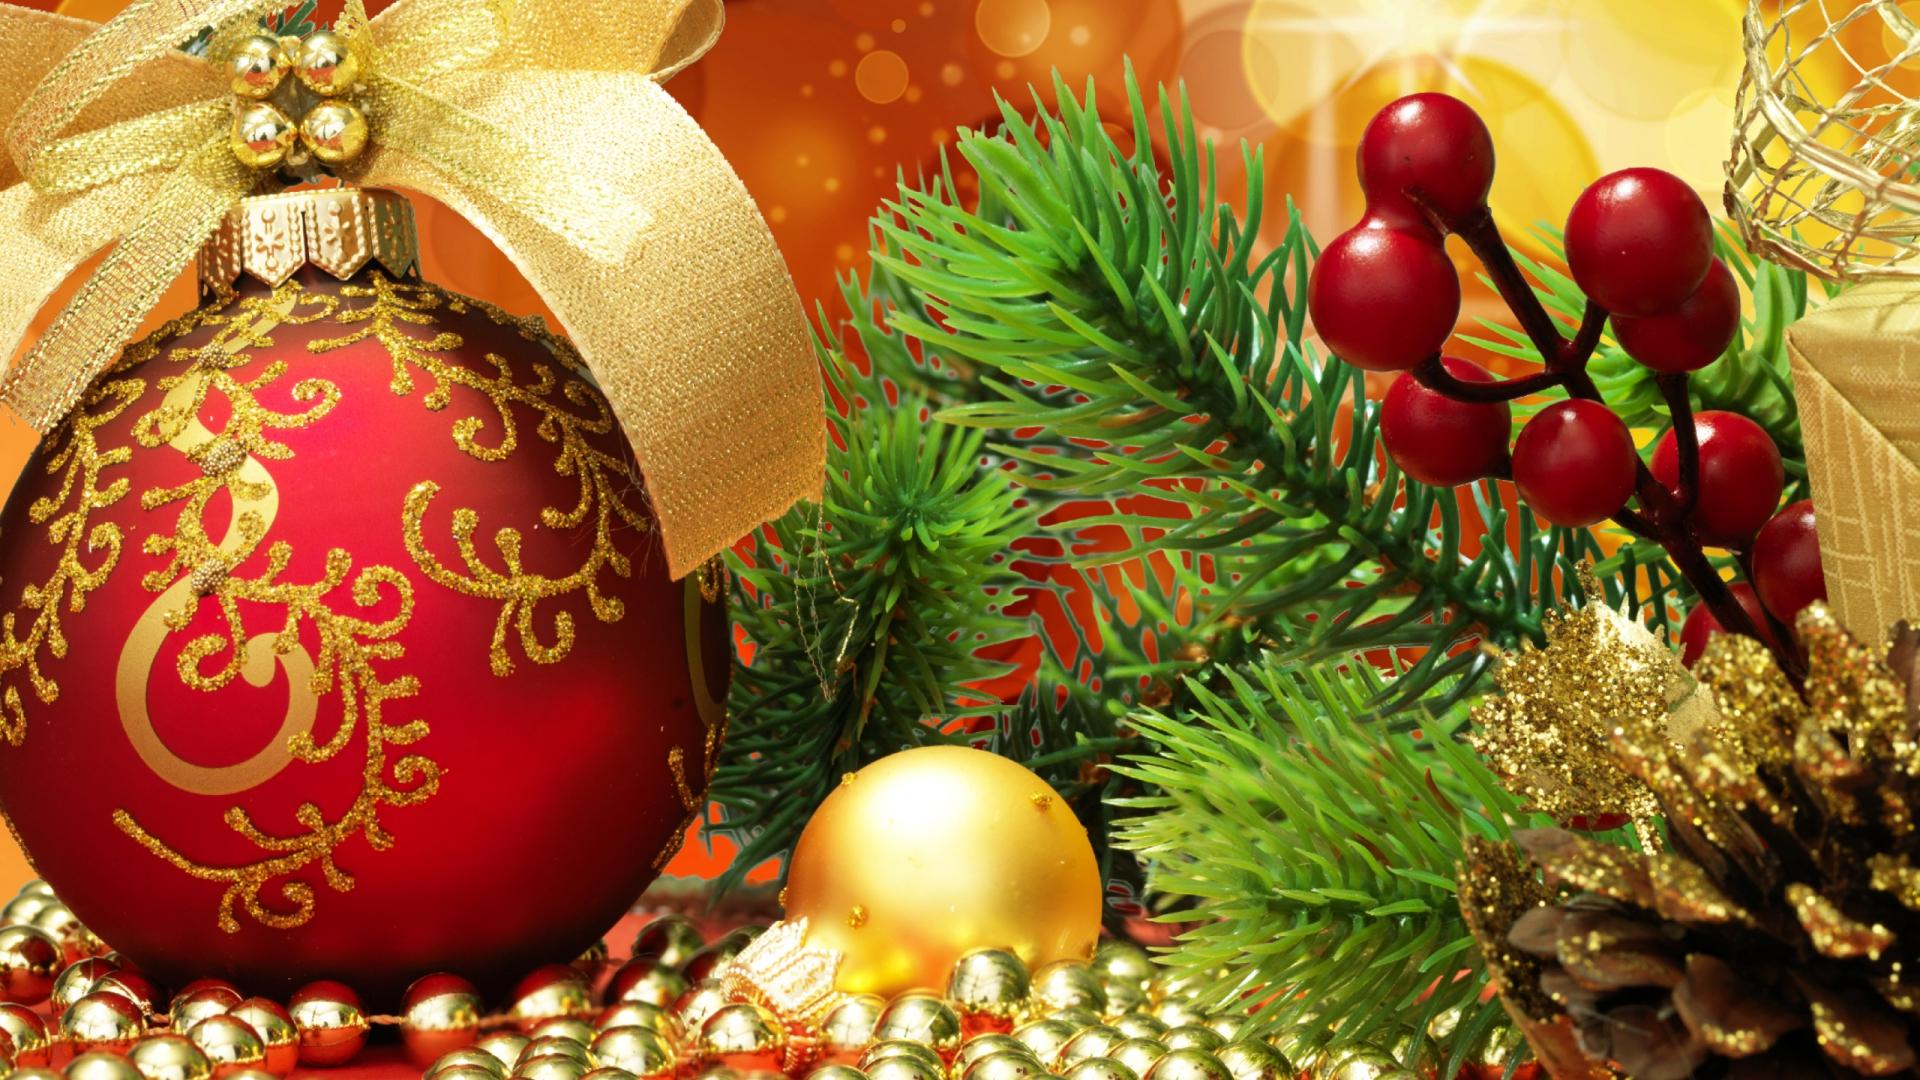 Bộ Sưu Tập Ảnh Giáng Sinh - Page 3 Christmasballs56